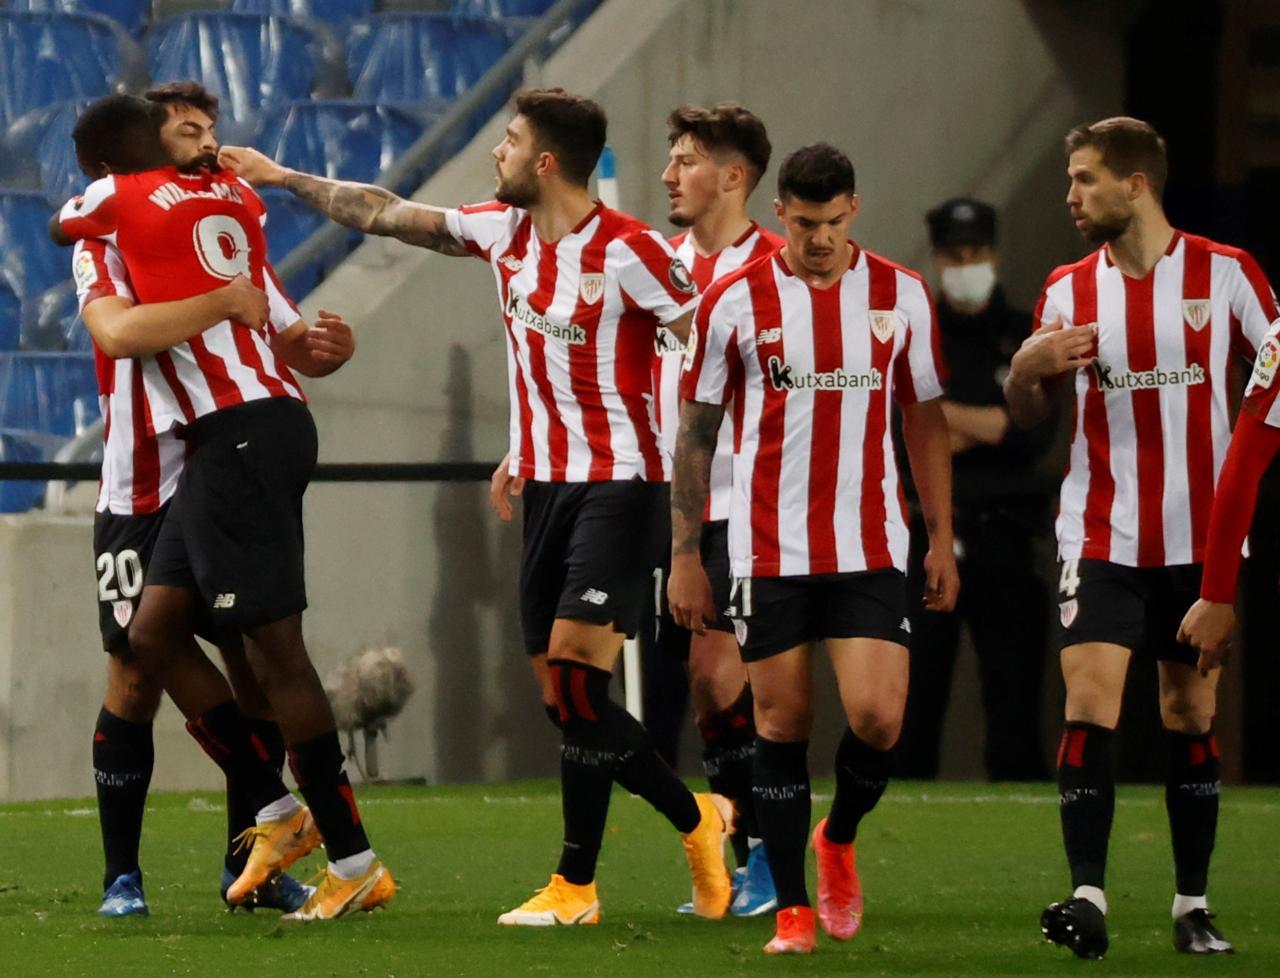 Real Sociedad - Athletic Club de Bilbao